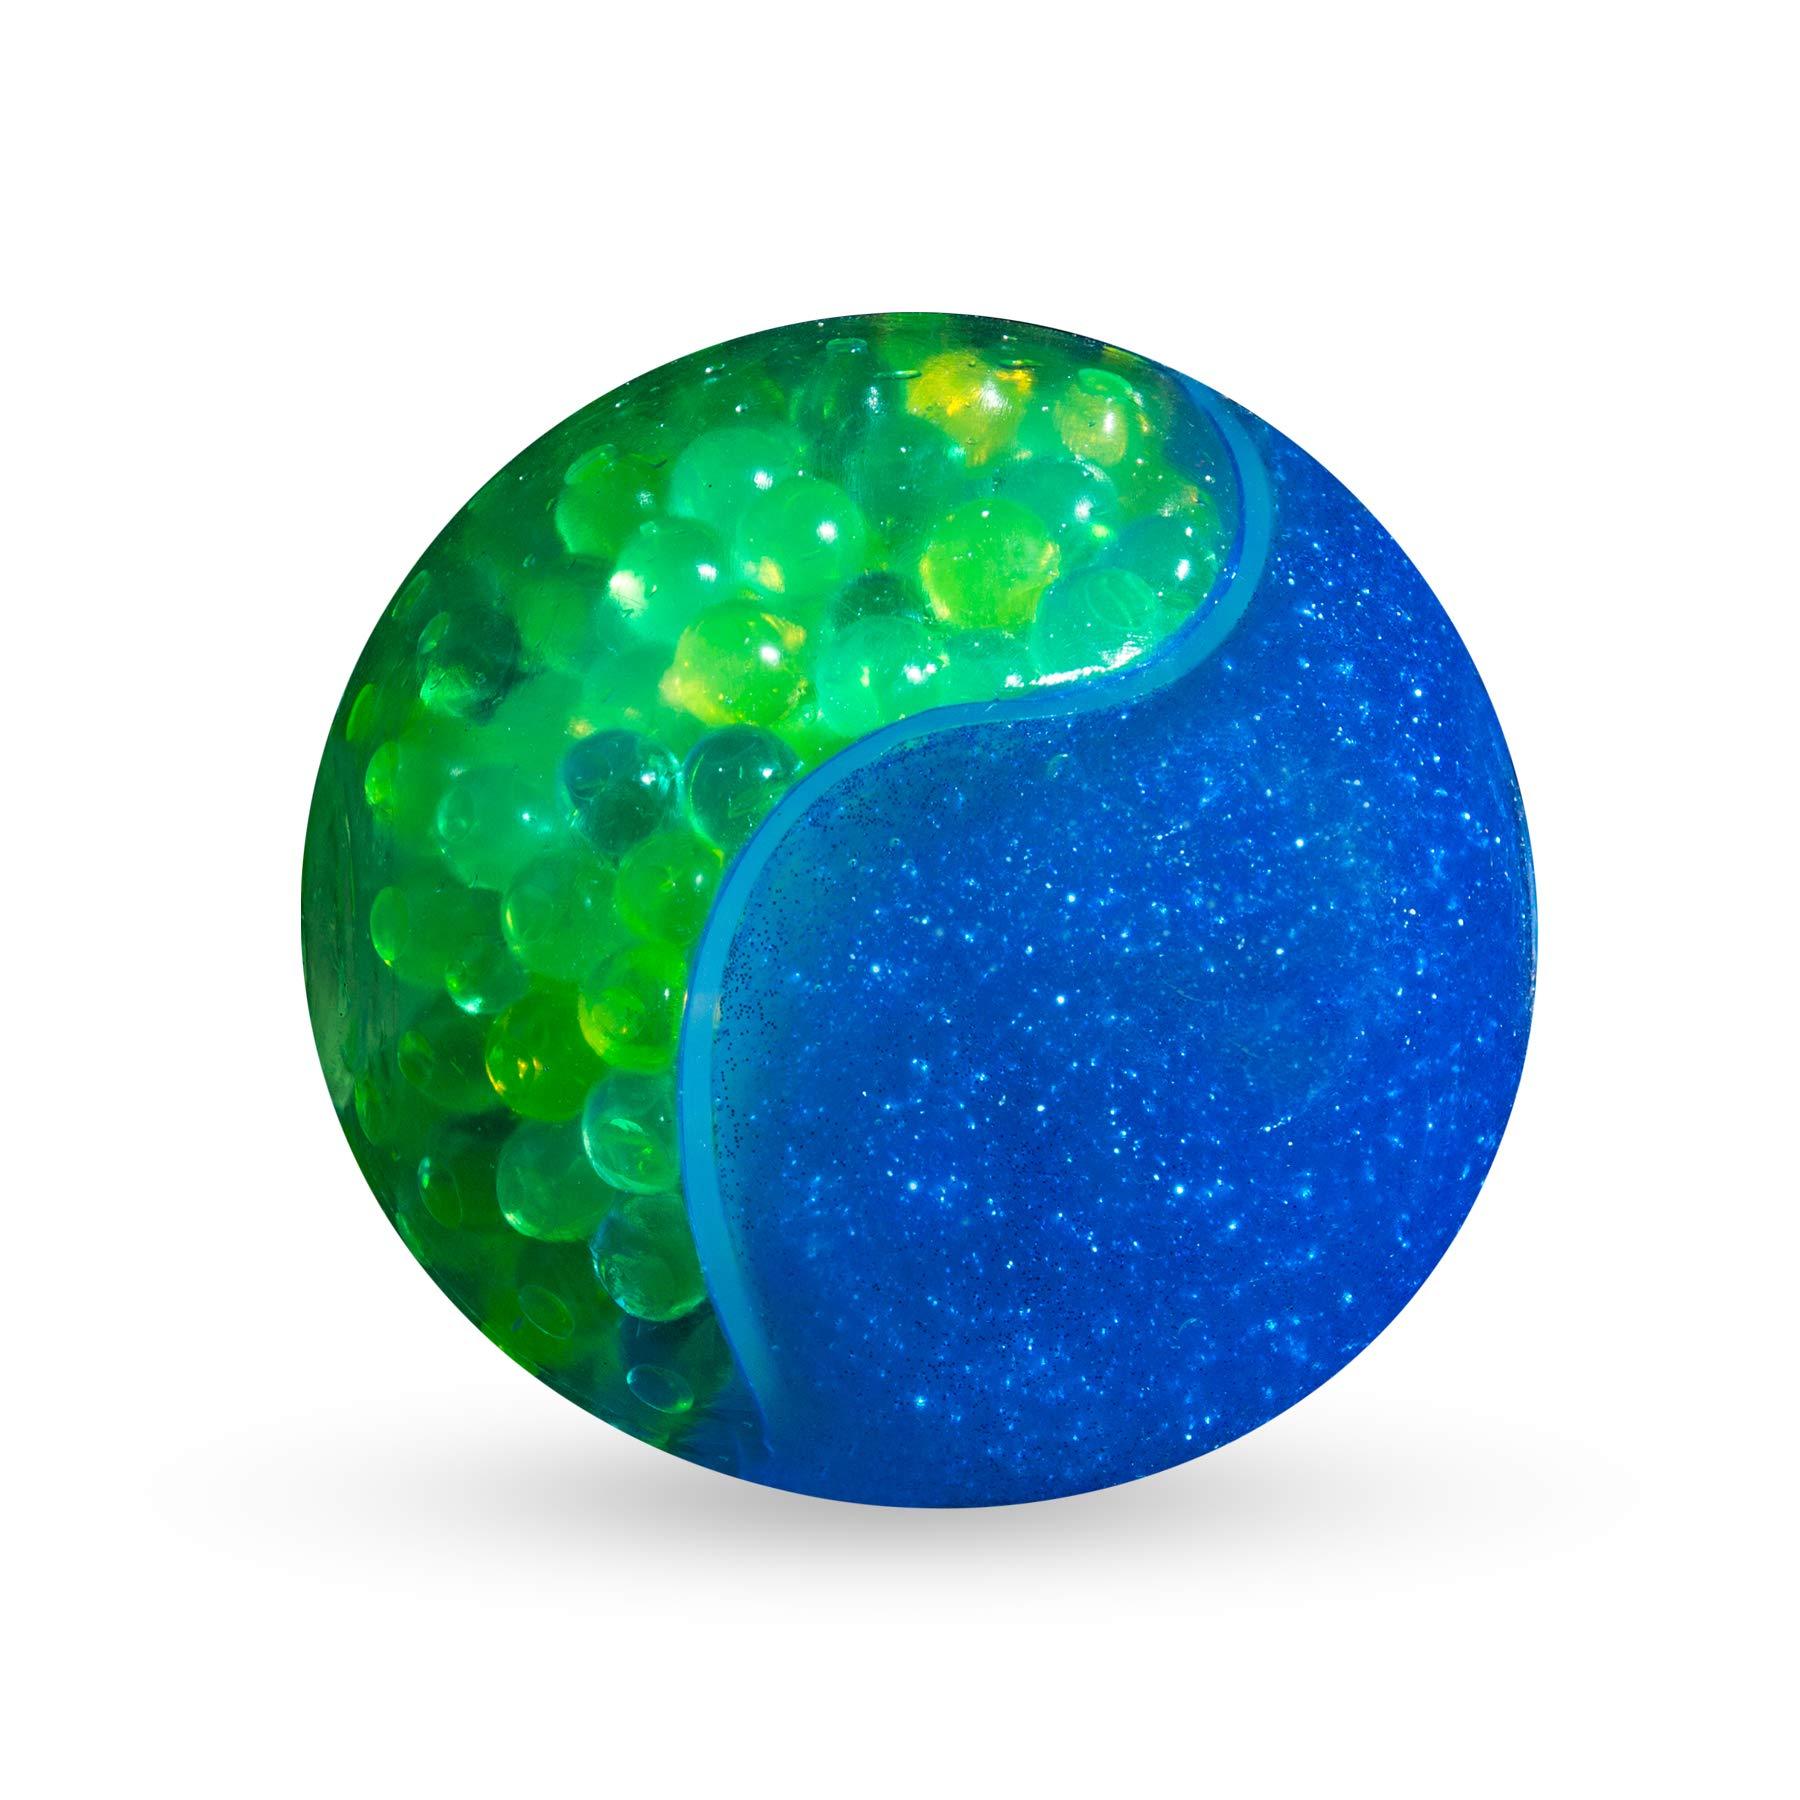 Orb Odditeez Ultra 4 Halfzeez Ball Squishy Slime Ball Half Glitter Slime Half Balzz & HOT New Toy (Blue-Green) by Orb Halfzeez (Image #1)